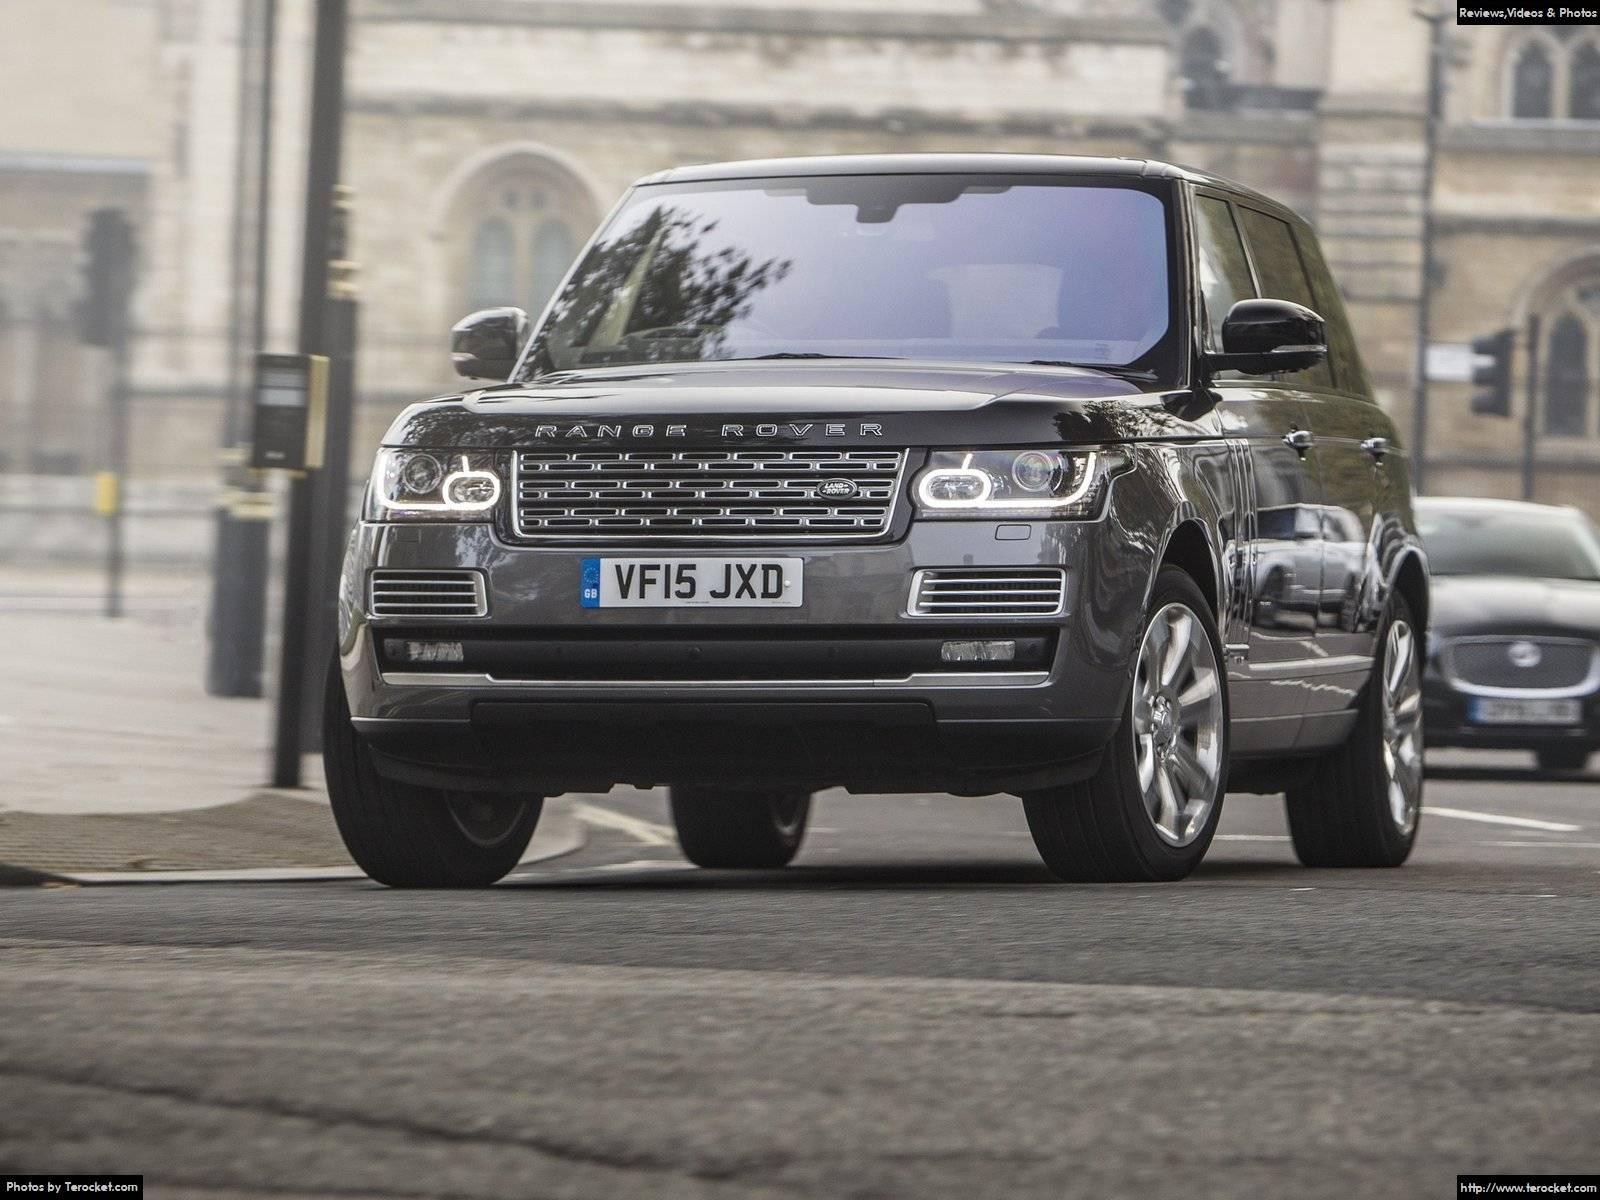 Đầu xe đậm chất và đặc sệt phong cách của Land Rover